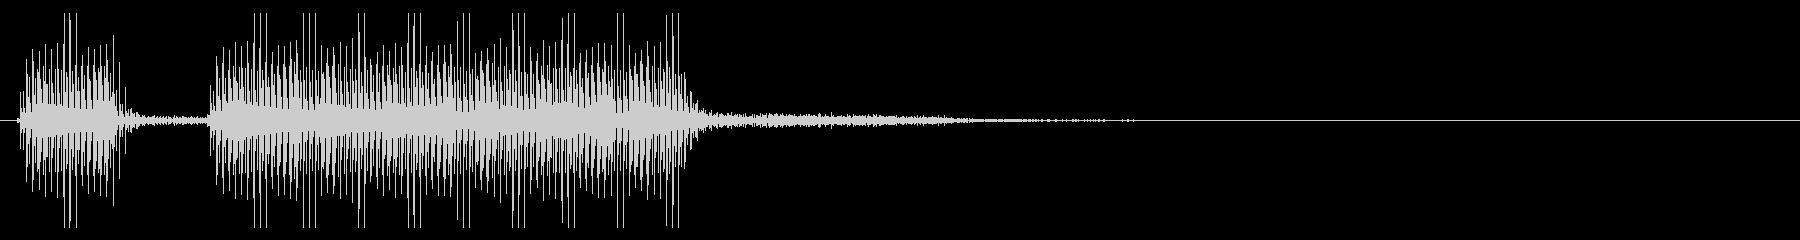 [ブブー] 不正解・エラー_矩Mix 4の未再生の波形